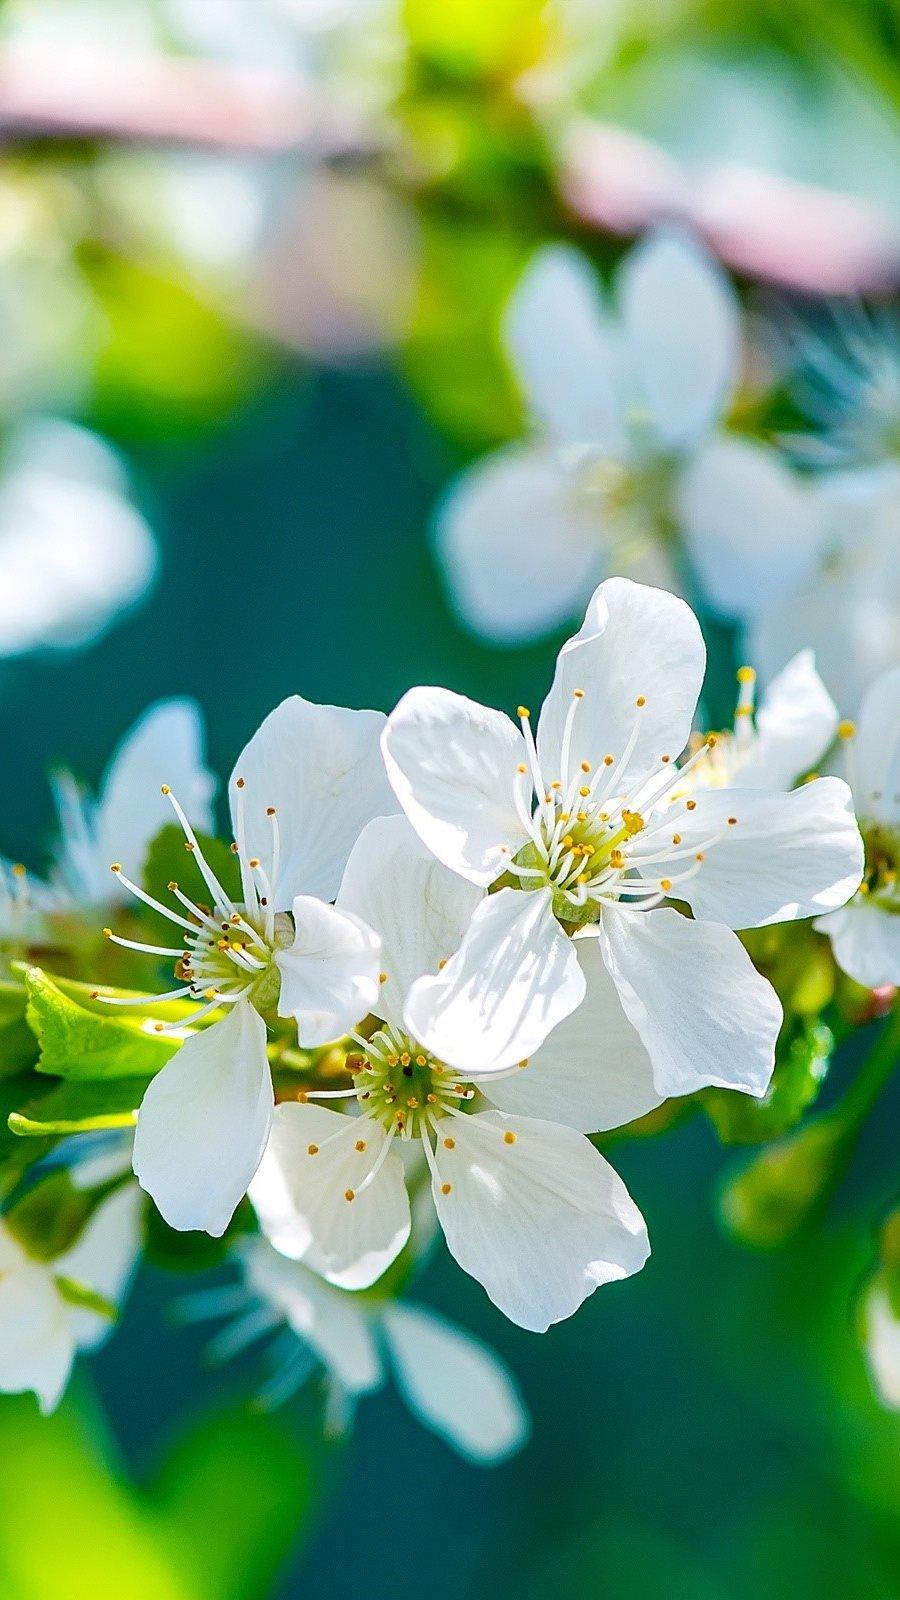 Fondos de pantalla Flores de un manzano Vertical